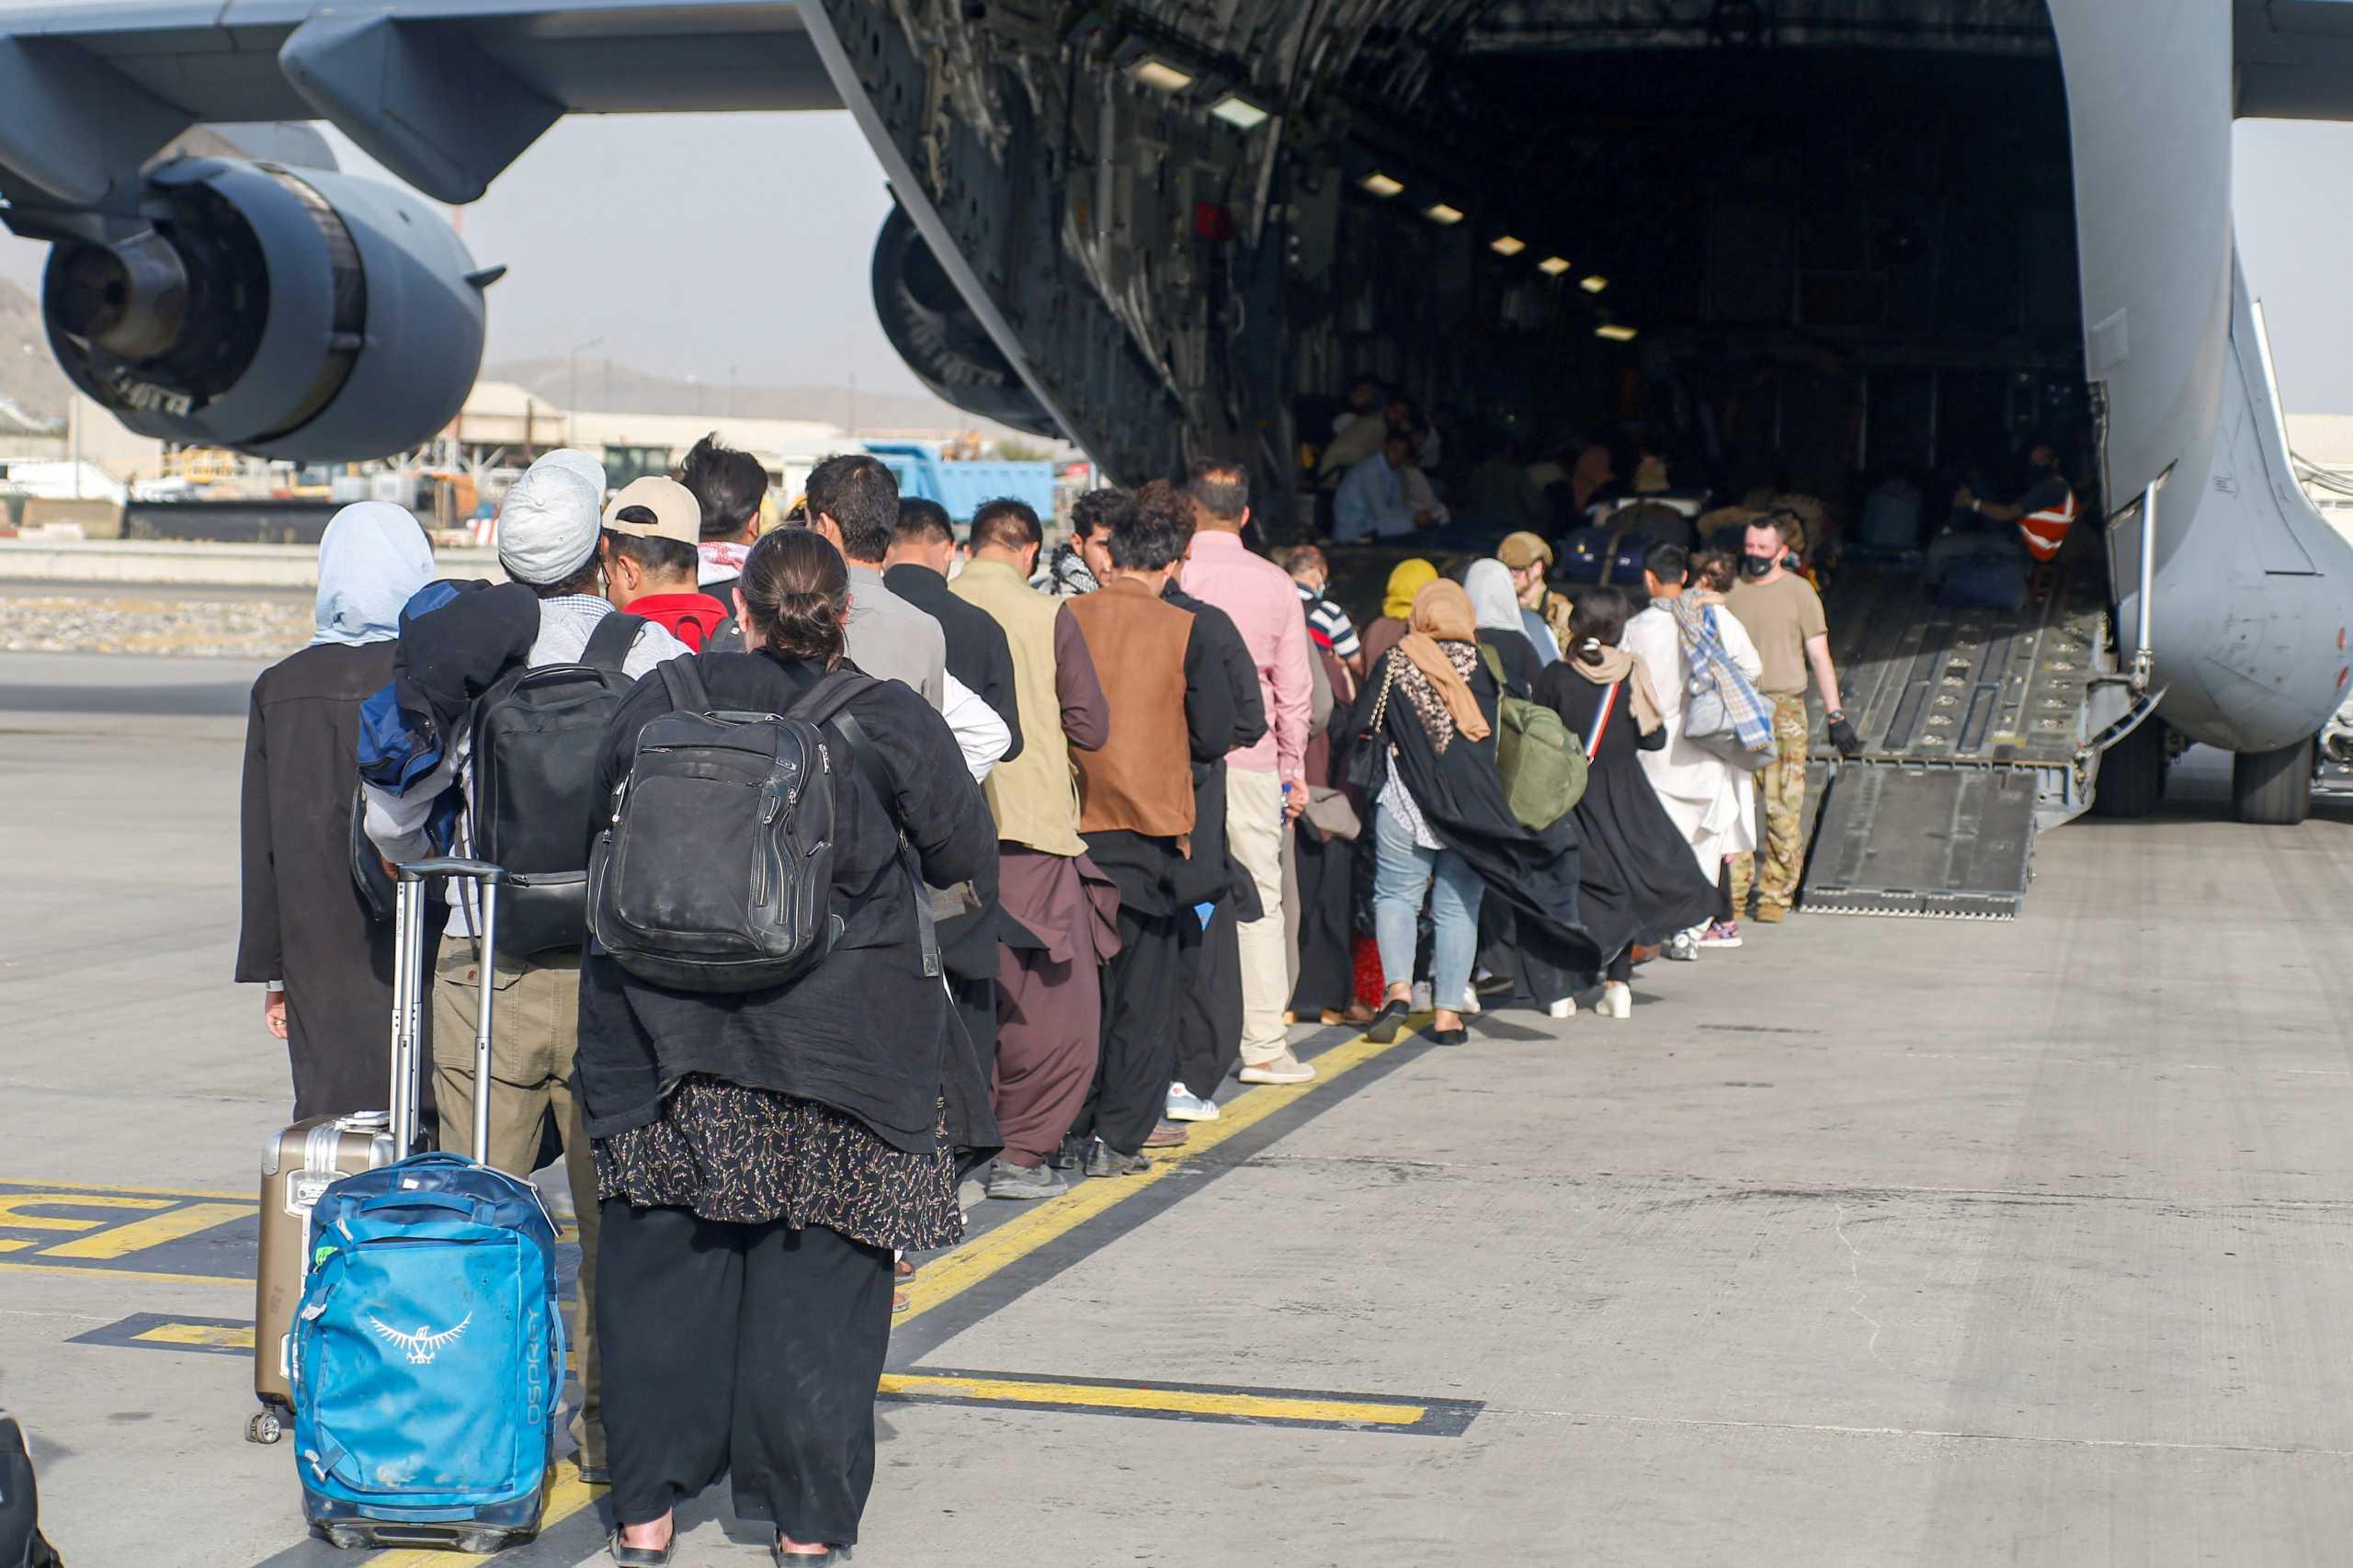 Αφγανιστάν: Οι ΗΠΑ επιτάσσουν αεροπλάνα για την εκκένωση της Καμπούλ